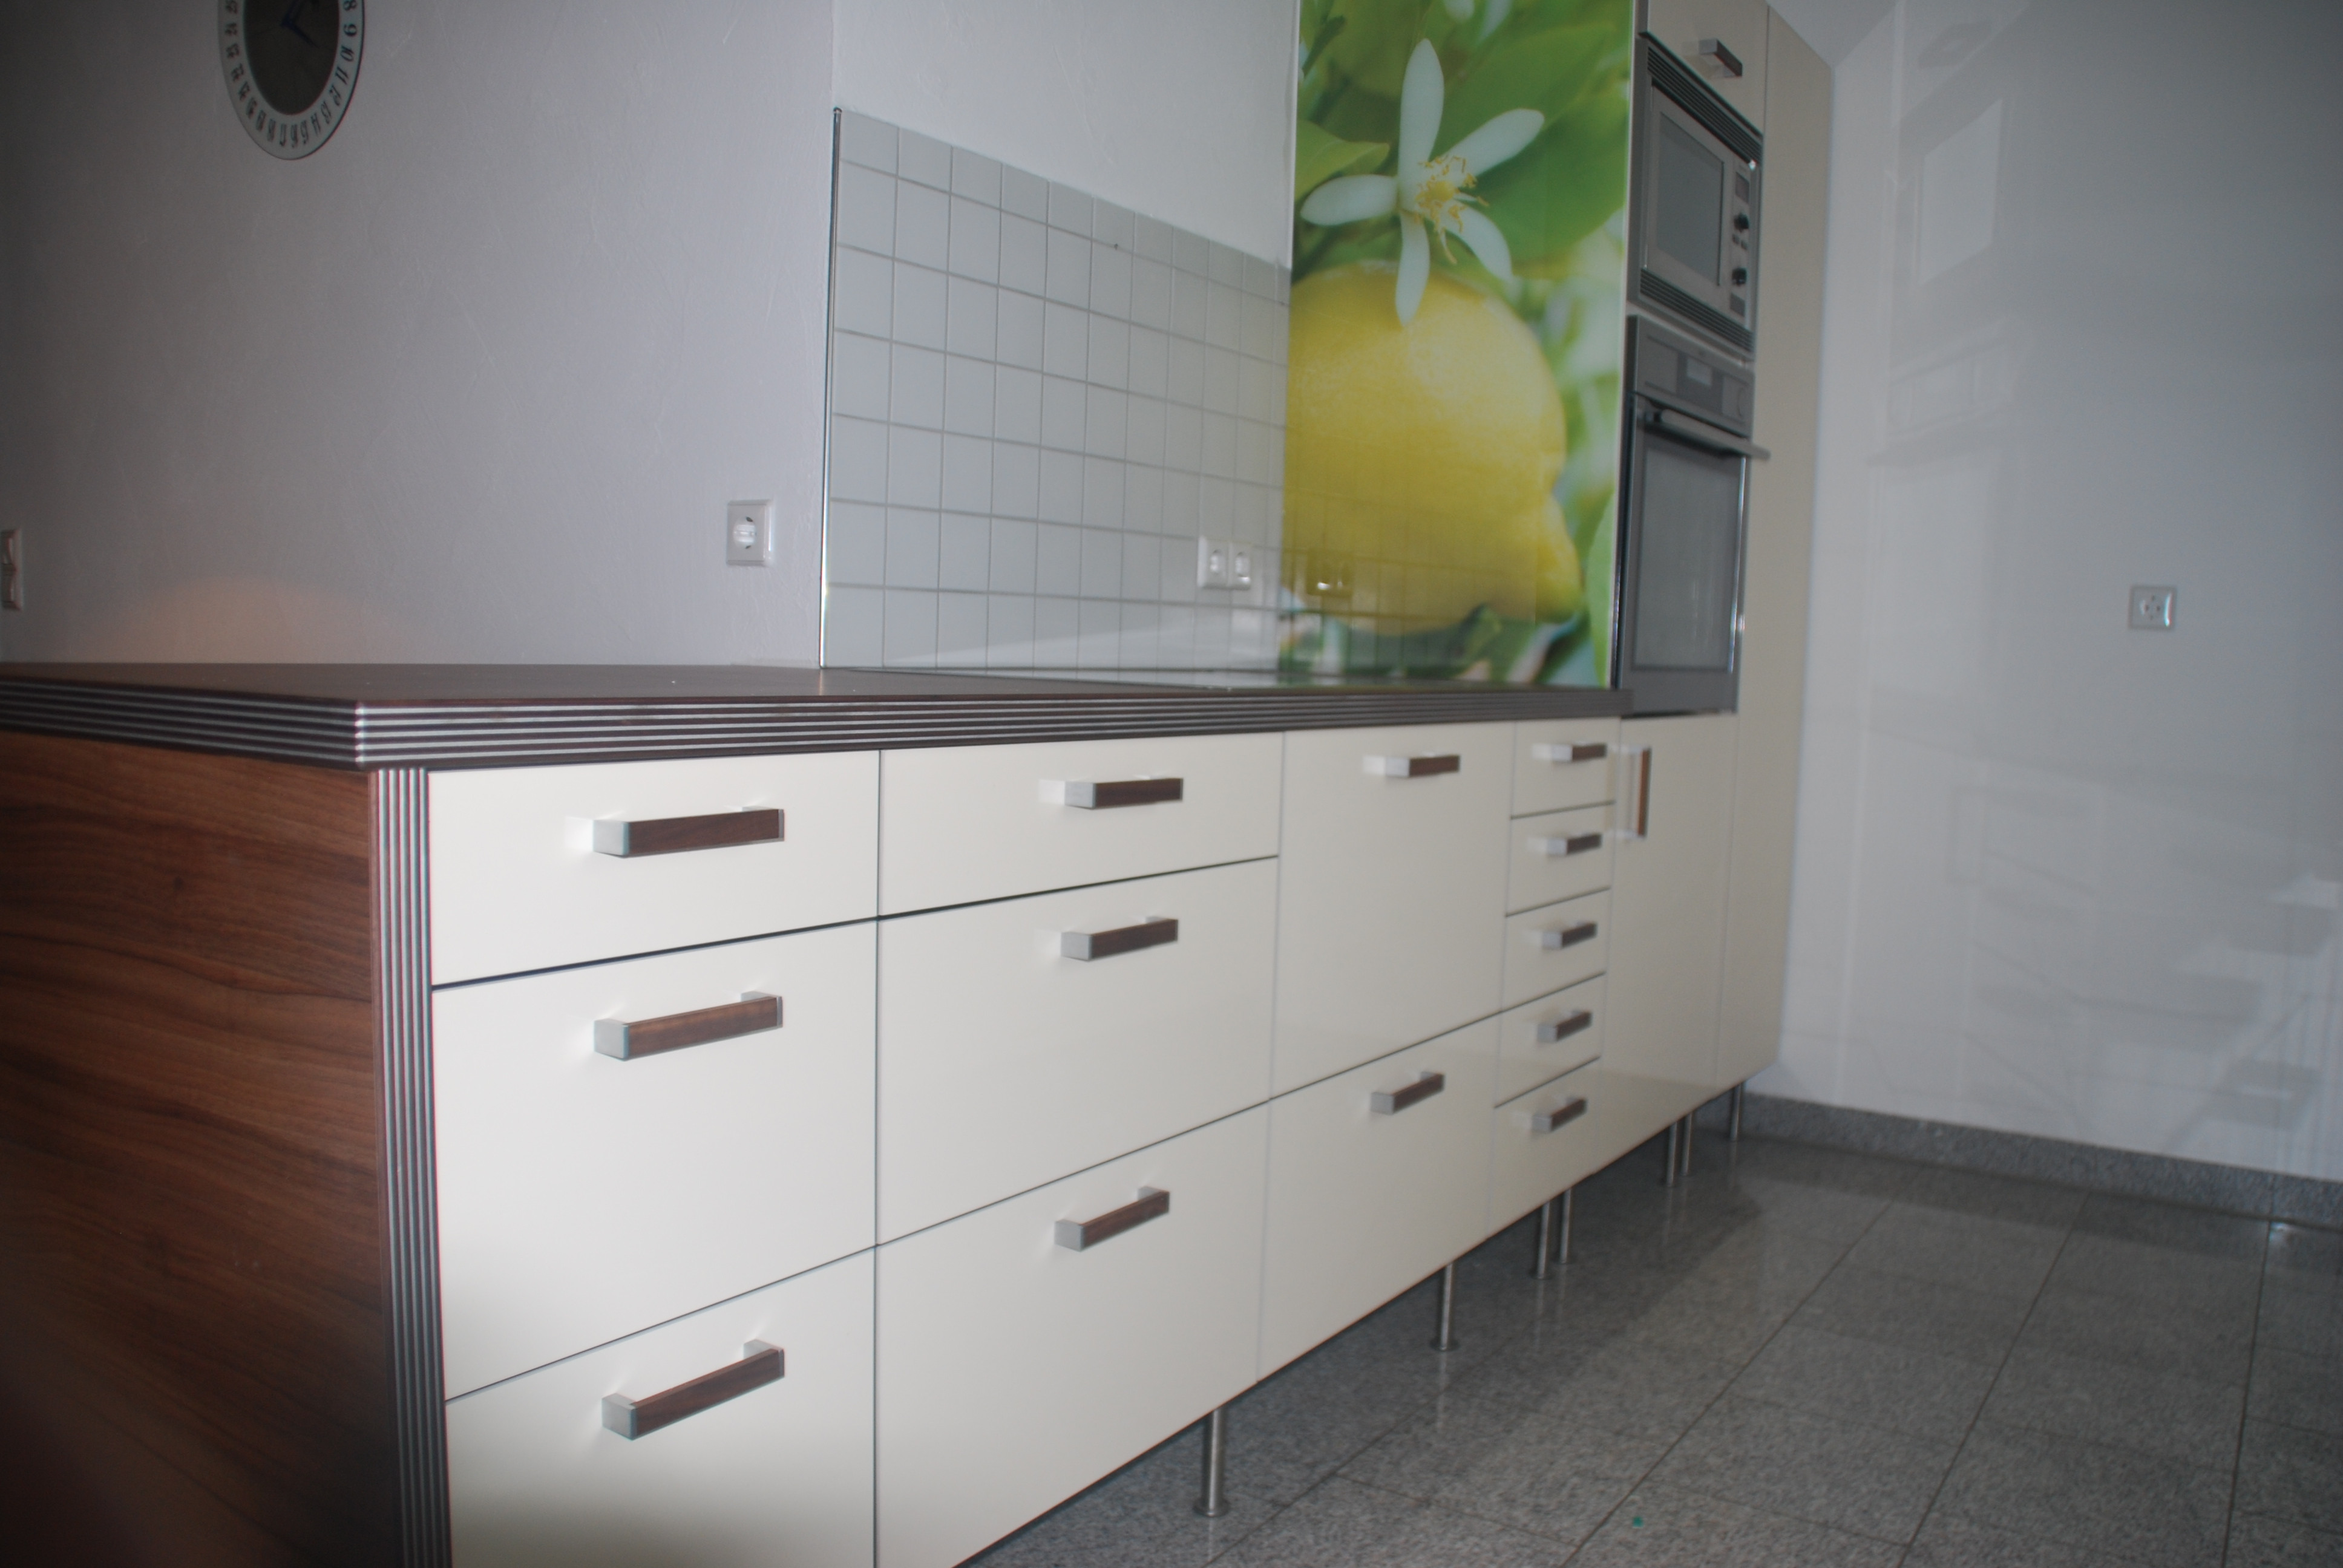 Ikea Küchen Fronten  Neue Küchenfronten in Hochglanz auf IKEA Küche